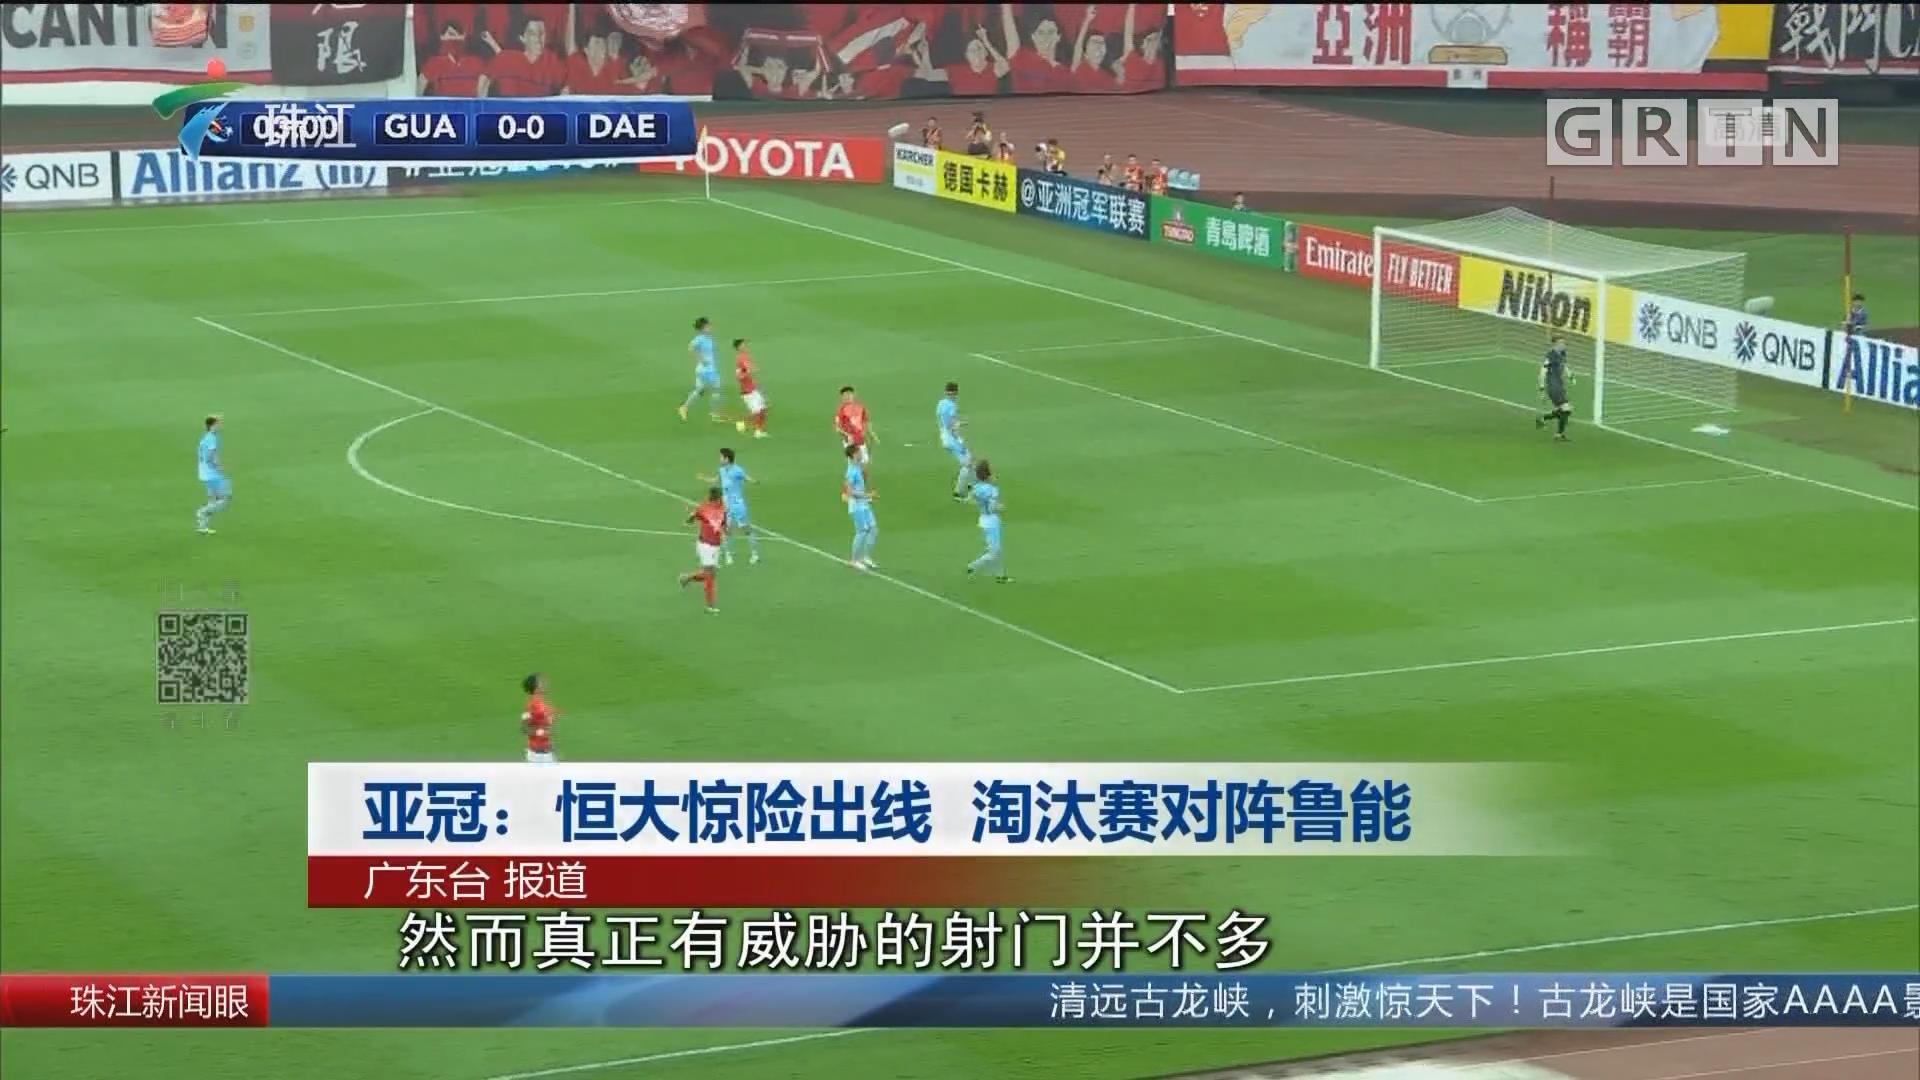 亚冠:恒大惊险出线 淘汰赛对阵鲁能